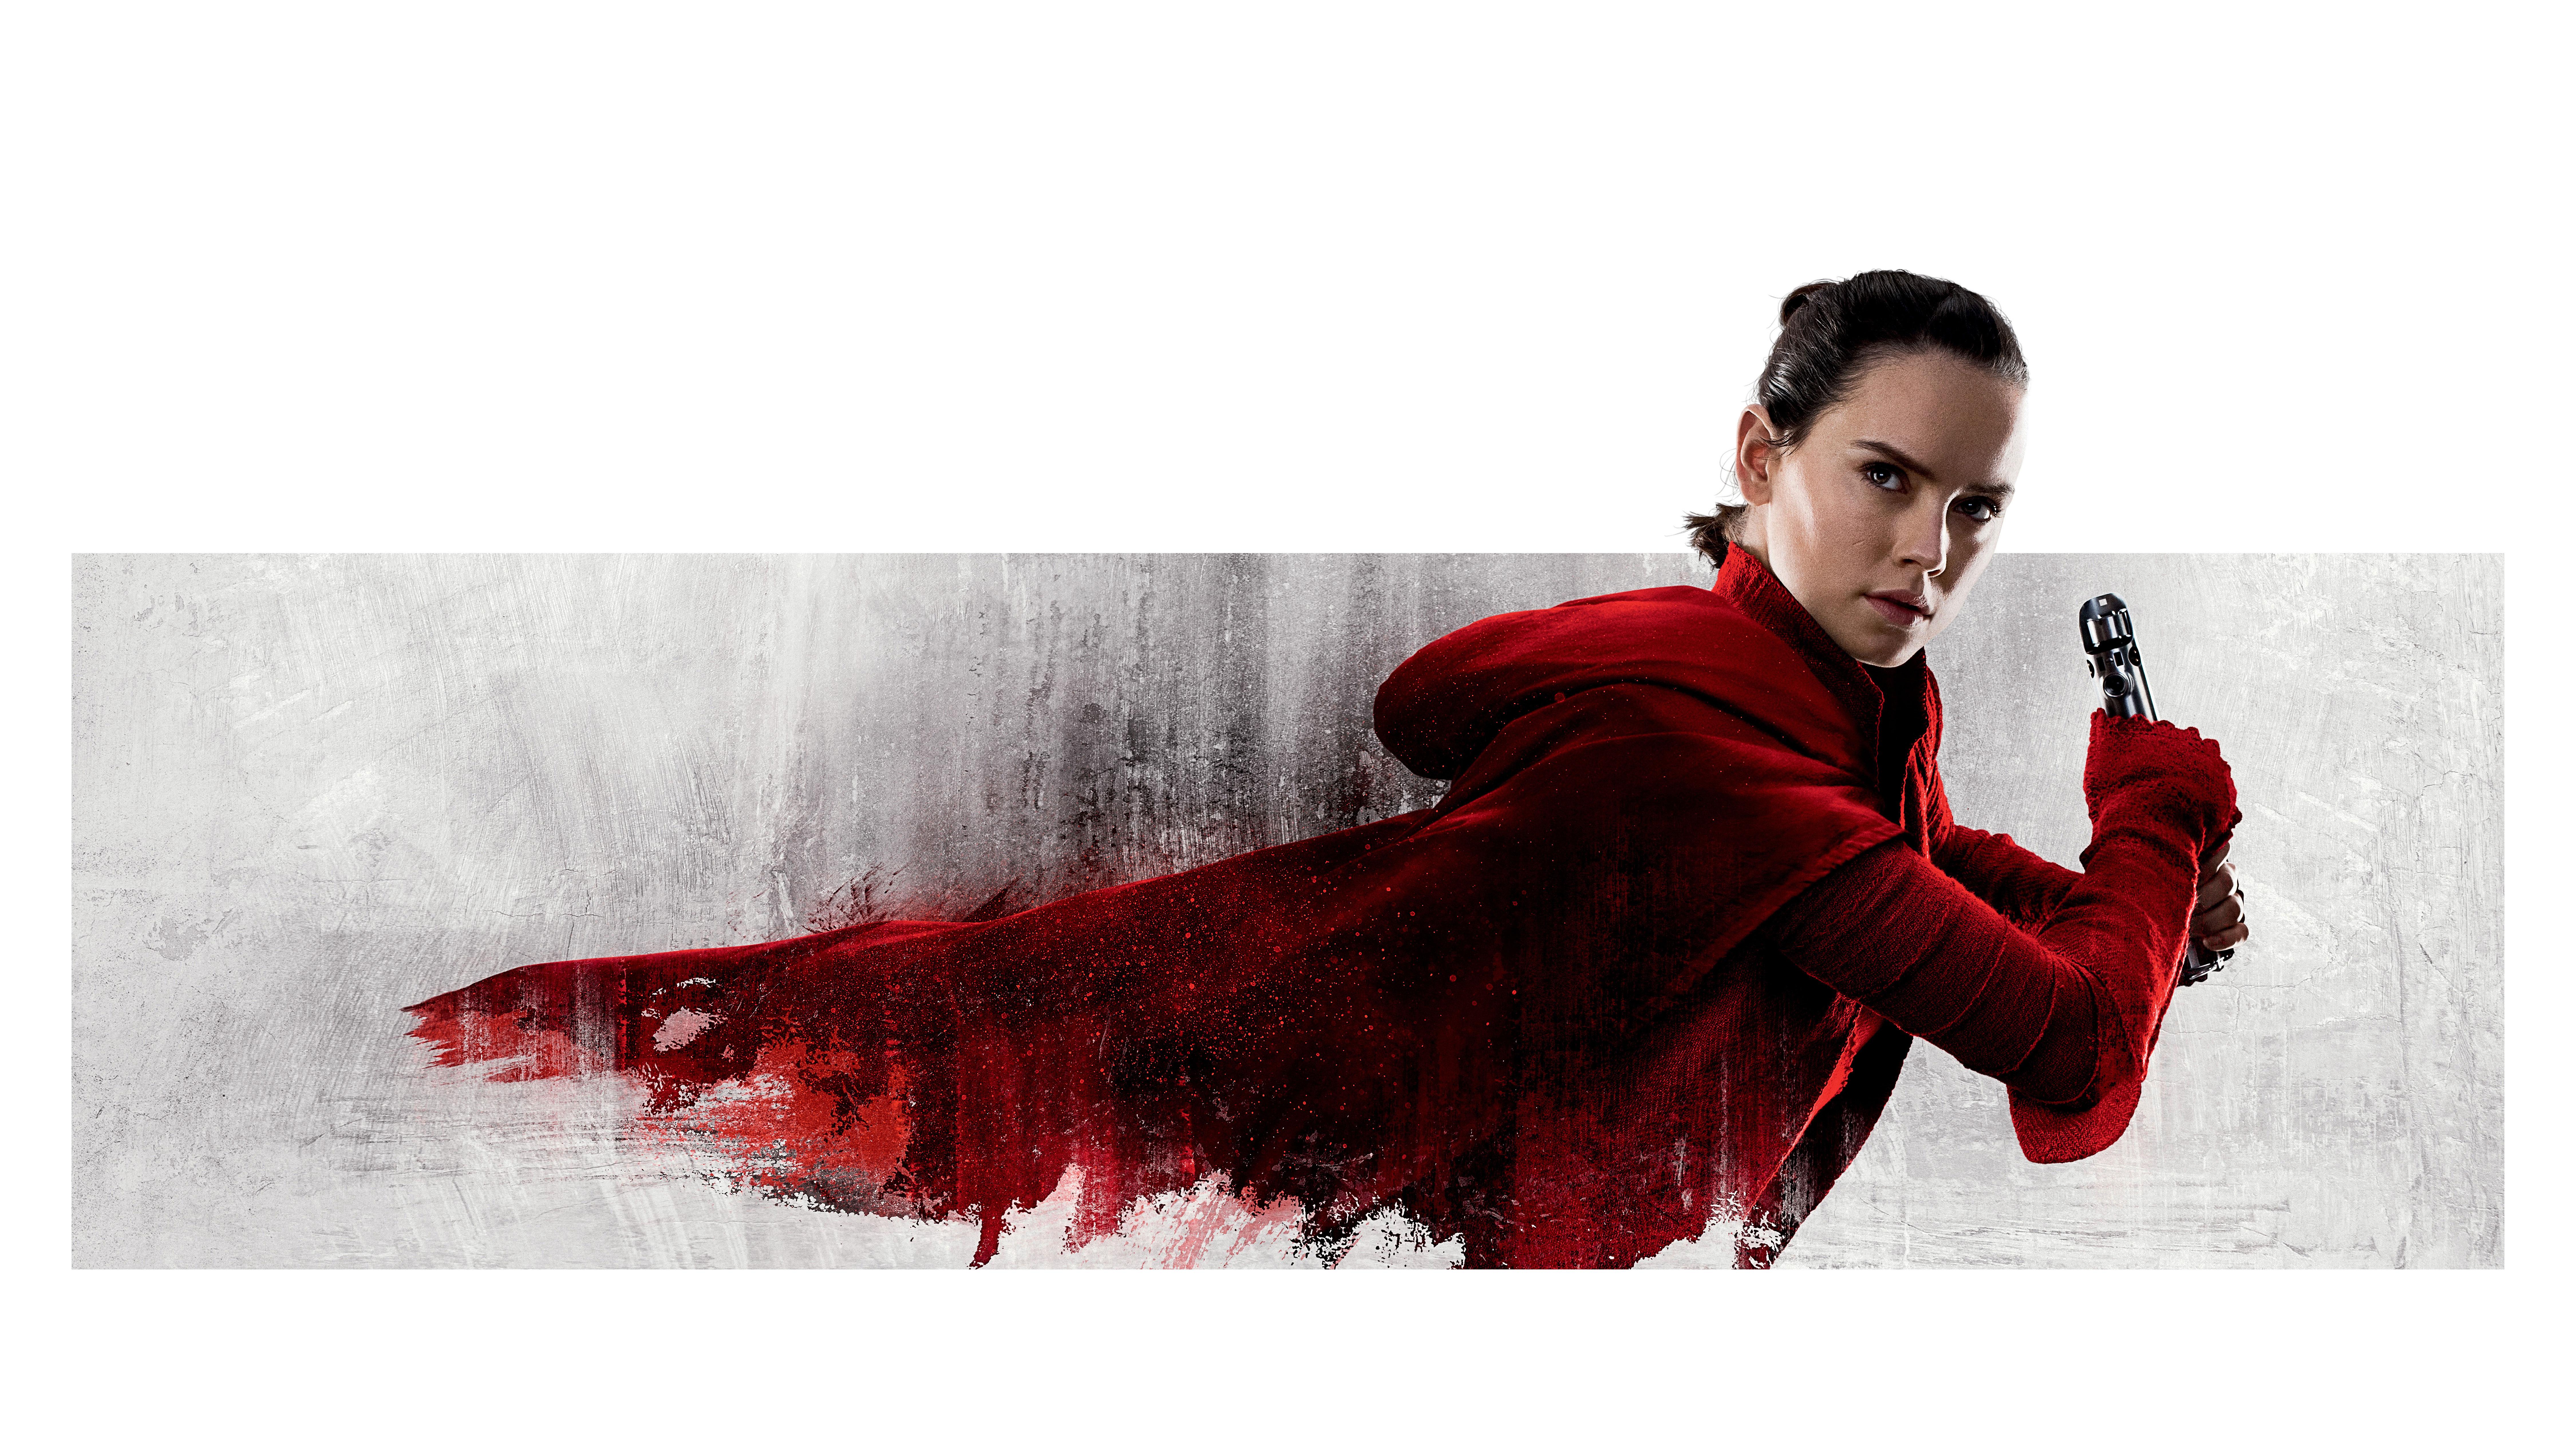 rey star wars the last jedi 10k hd movies 4k wallpapers